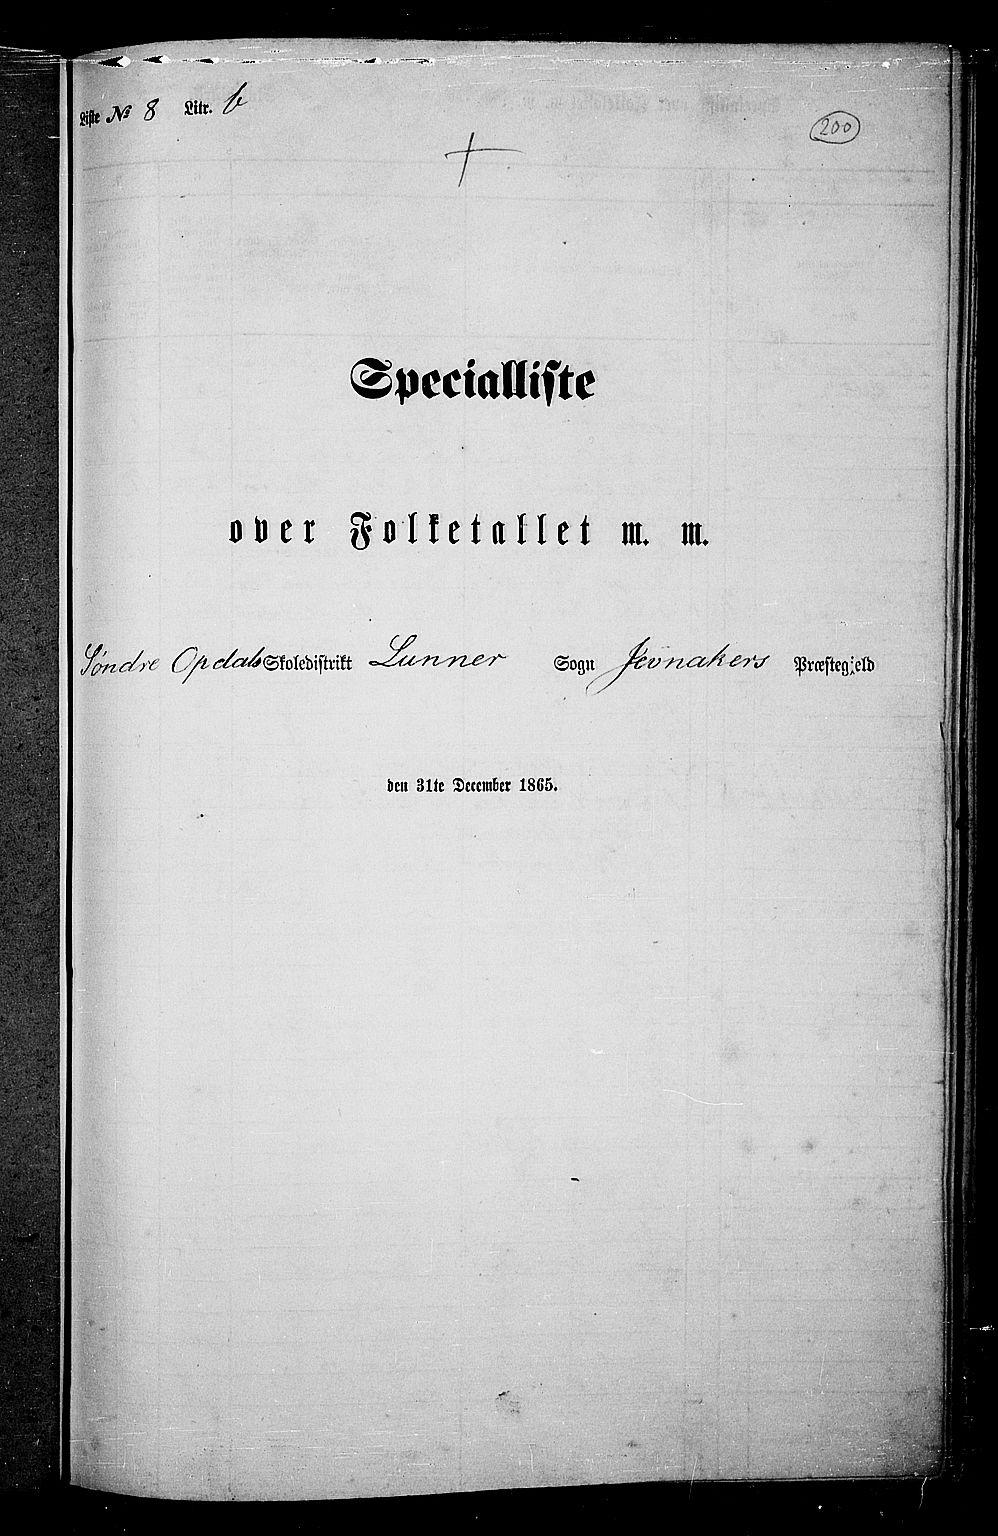 RA, Folketelling 1865 for 0532P Jevnaker prestegjeld, 1865, s. 184